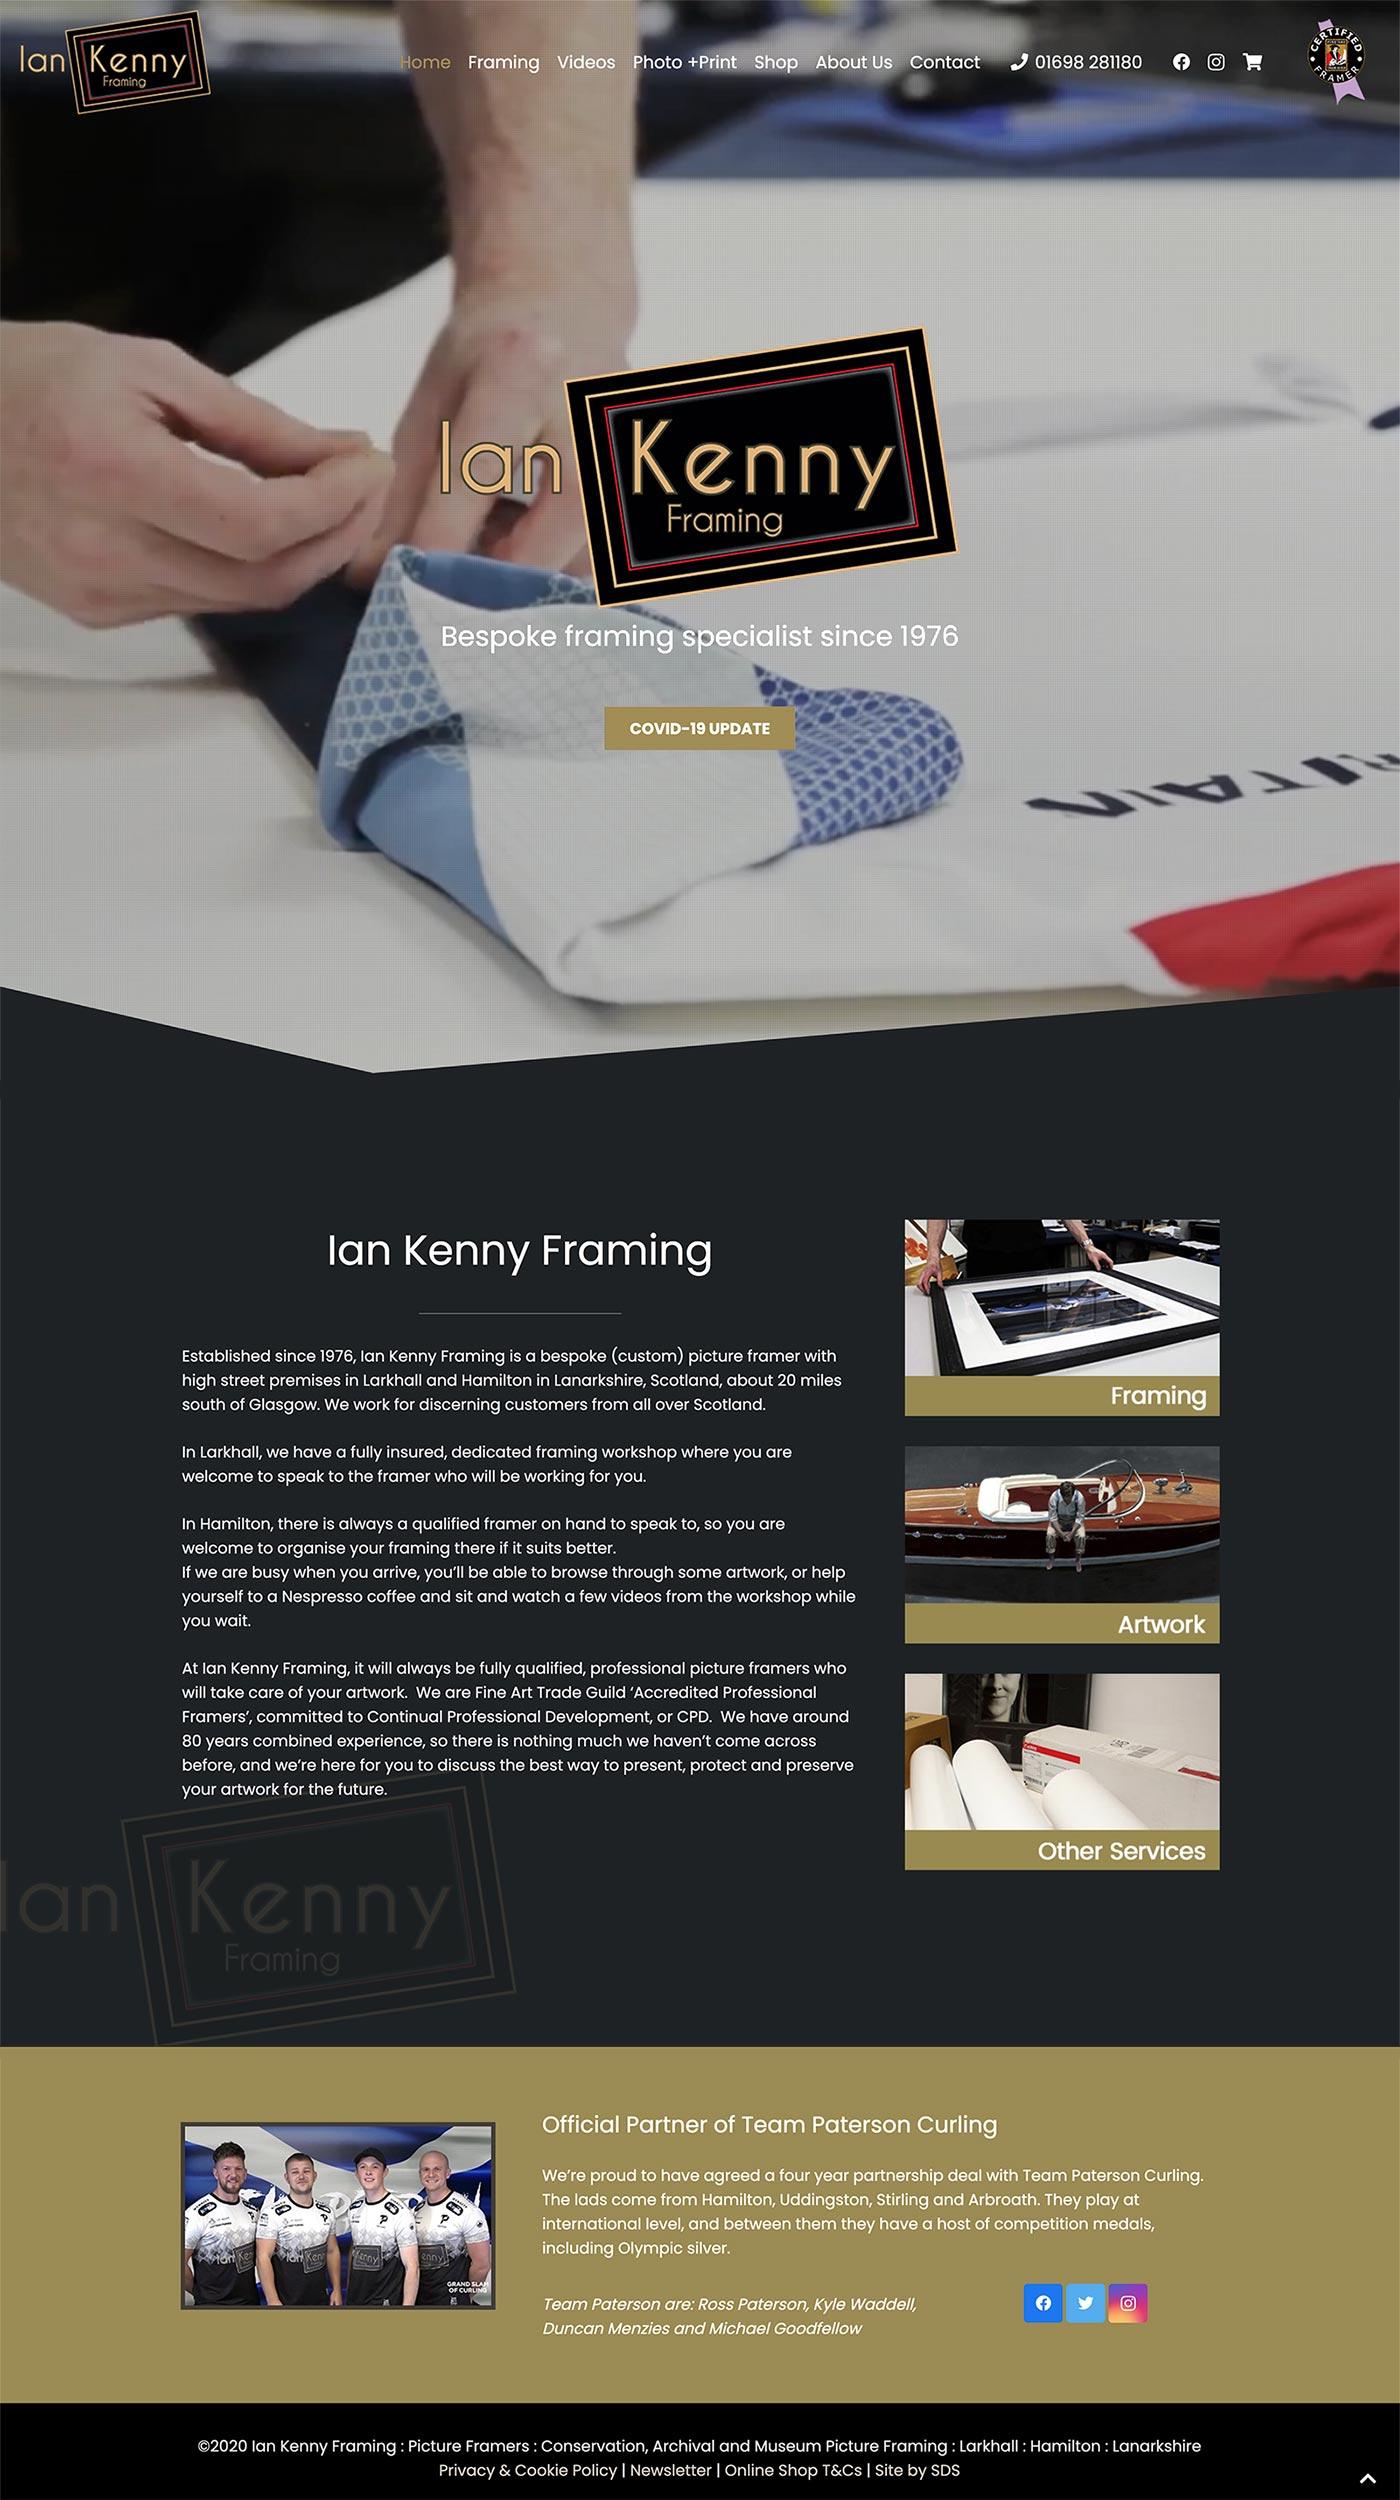 Ian Kenny Framing website